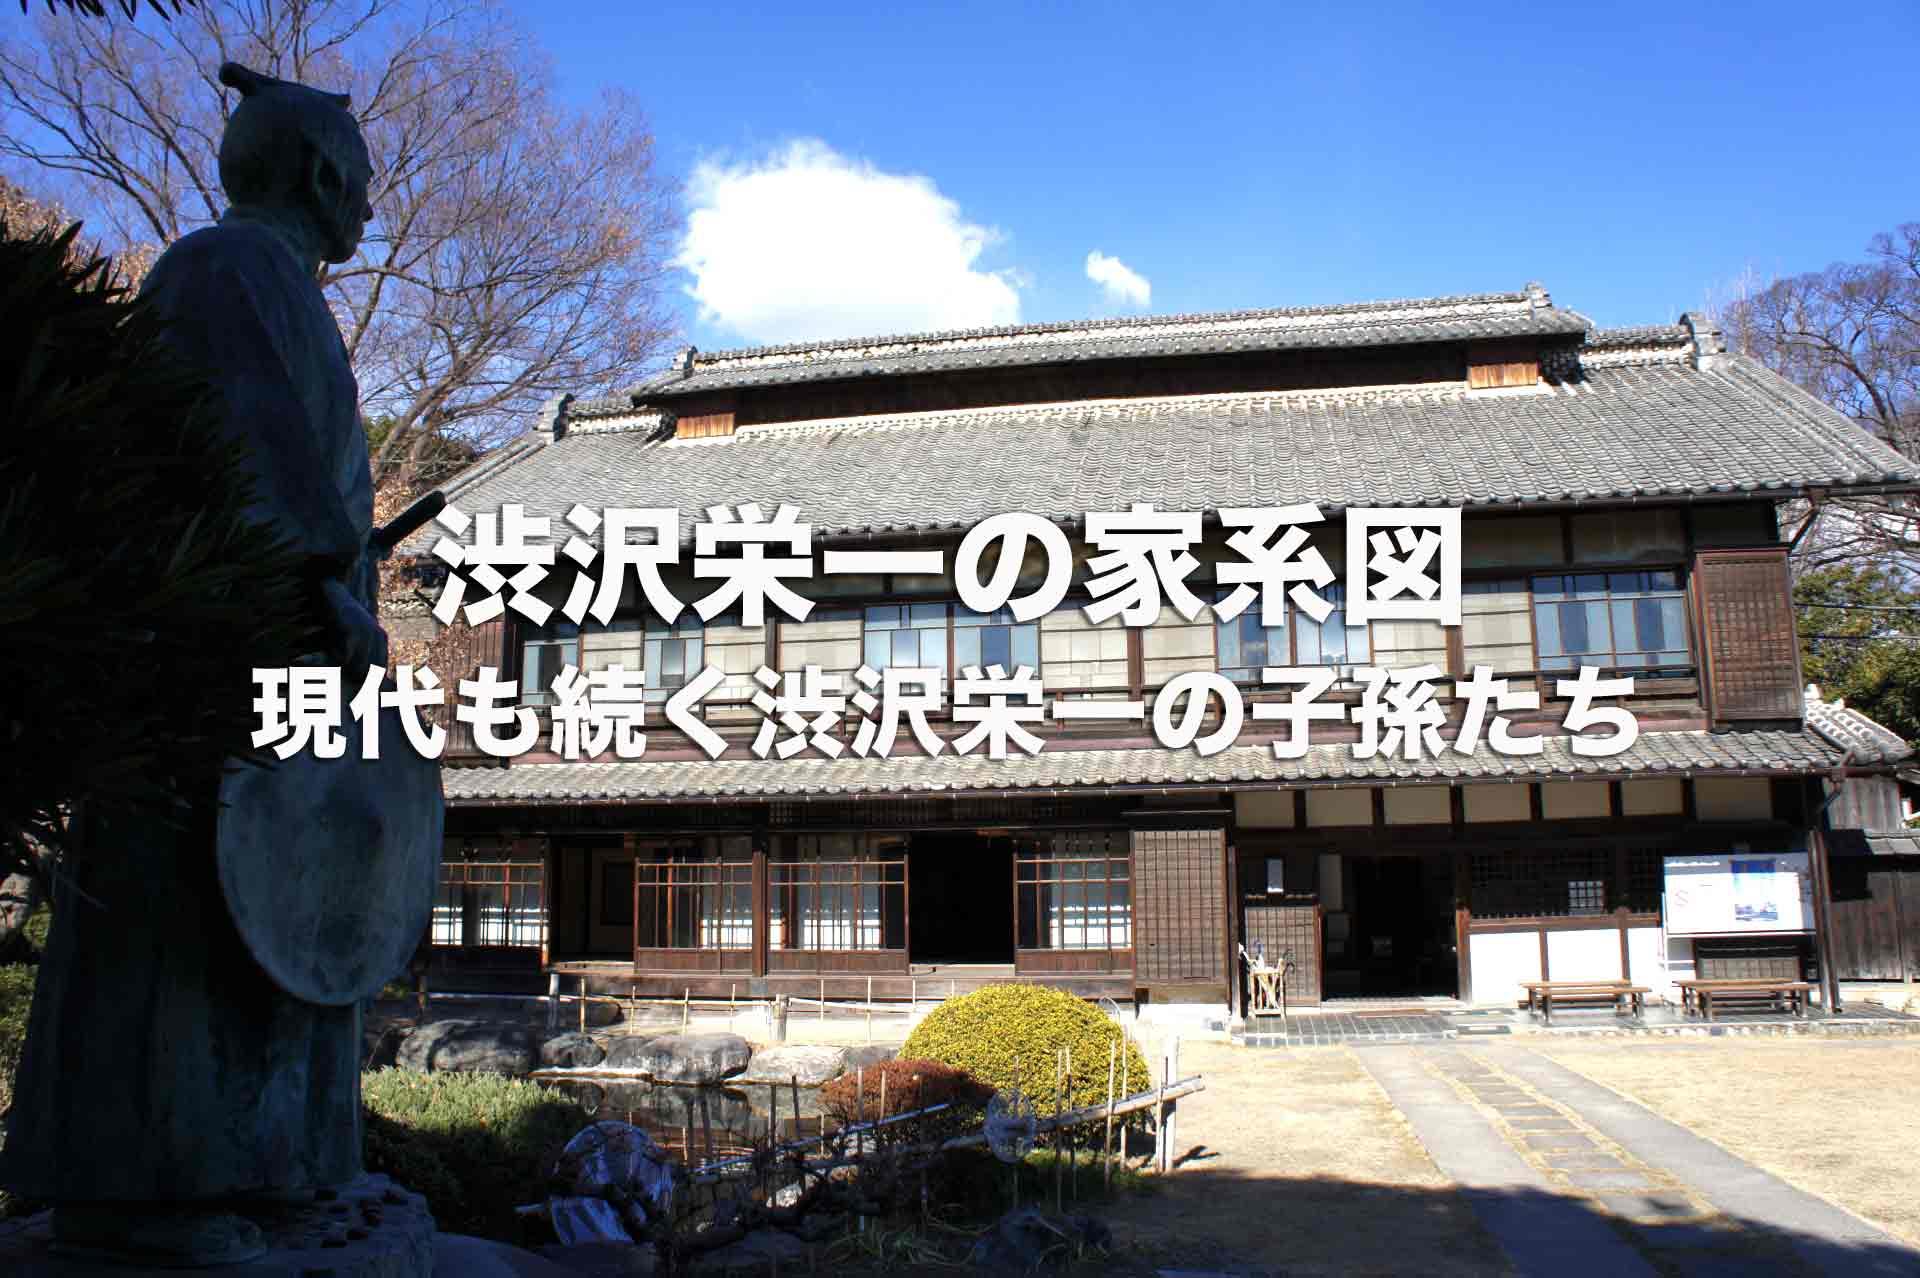 渋沢栄一の家系図。100人以上いる、現代にも続く渋沢栄一の子孫たち。